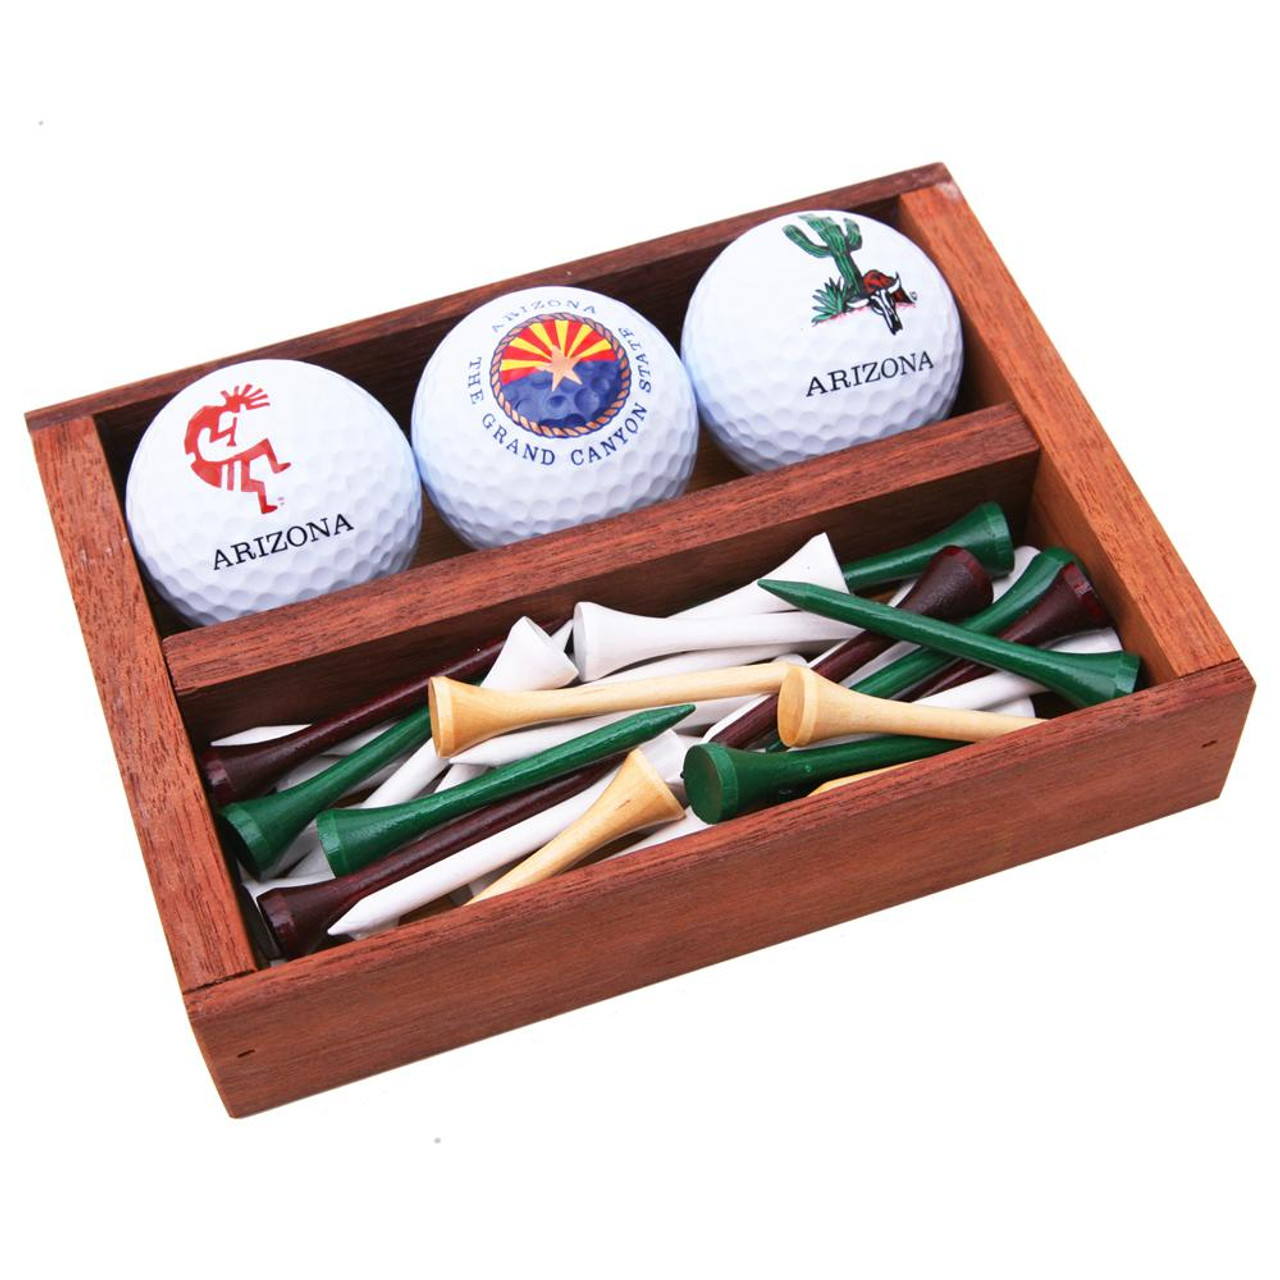 Arizona Golf Balls & Tees in Wood Box